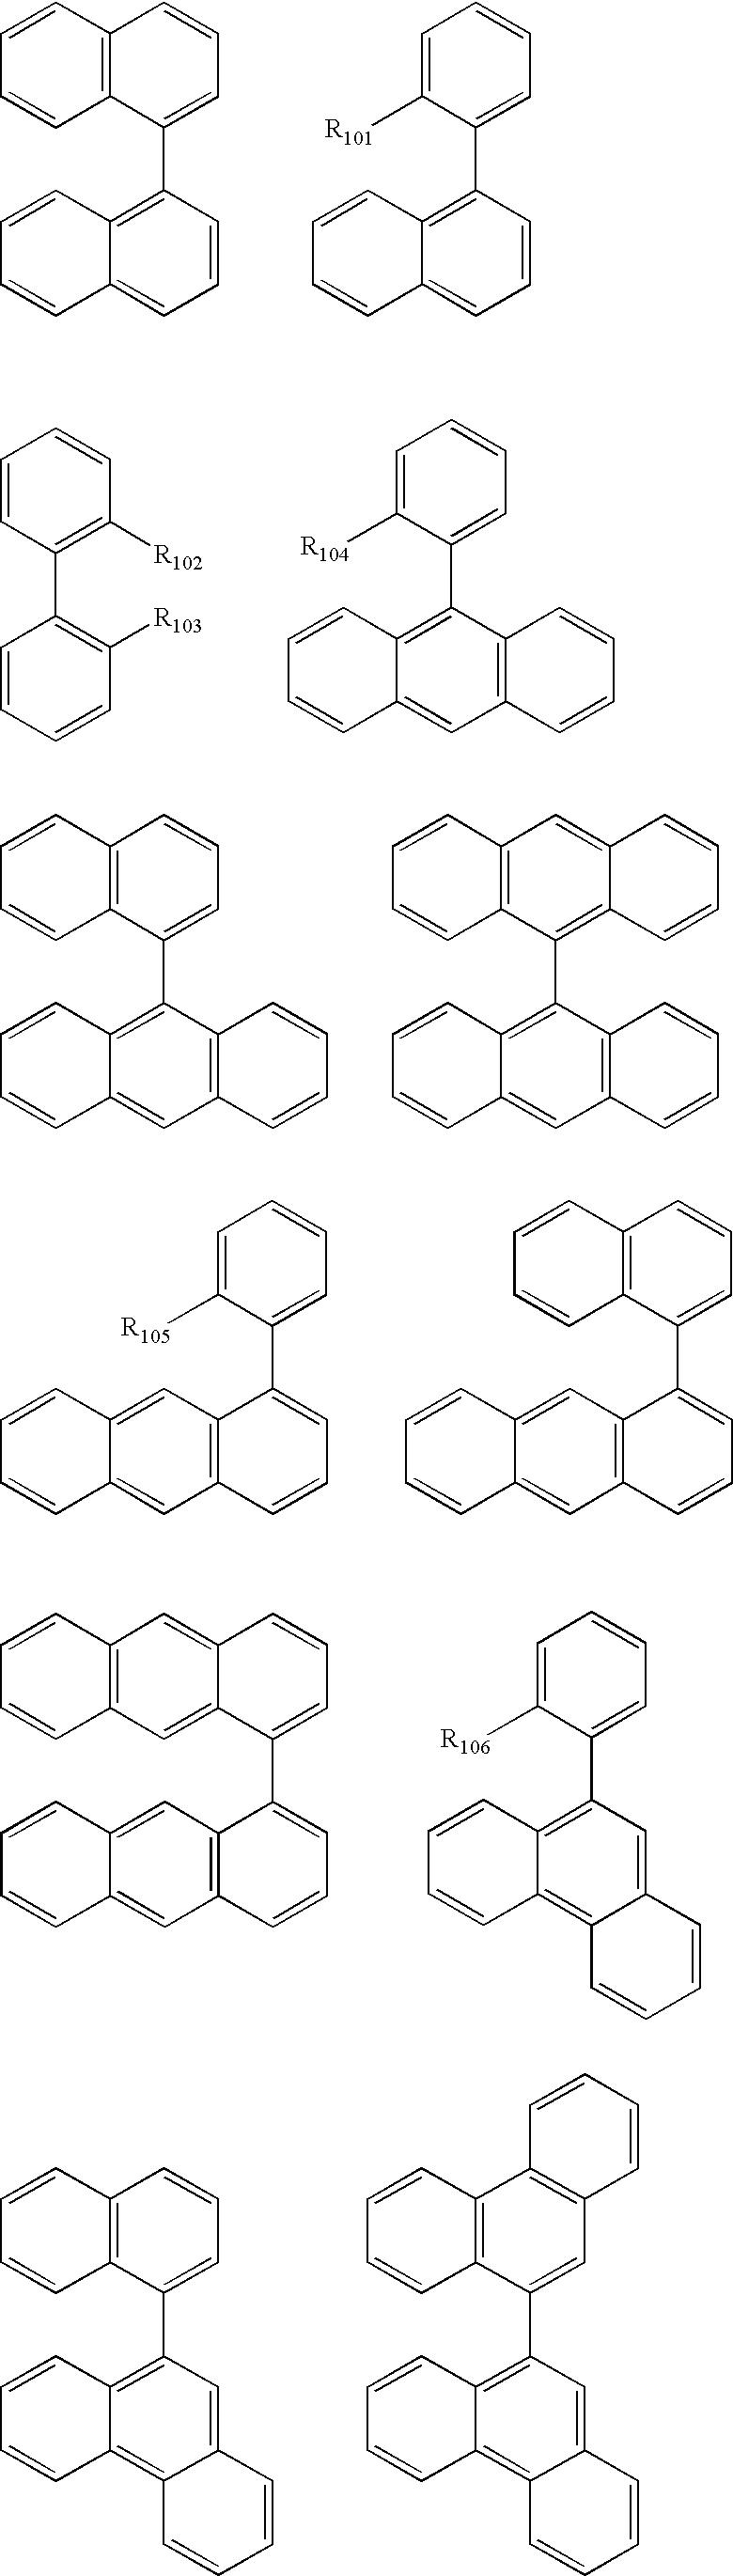 Figure US20040062951A1-20040401-C00017